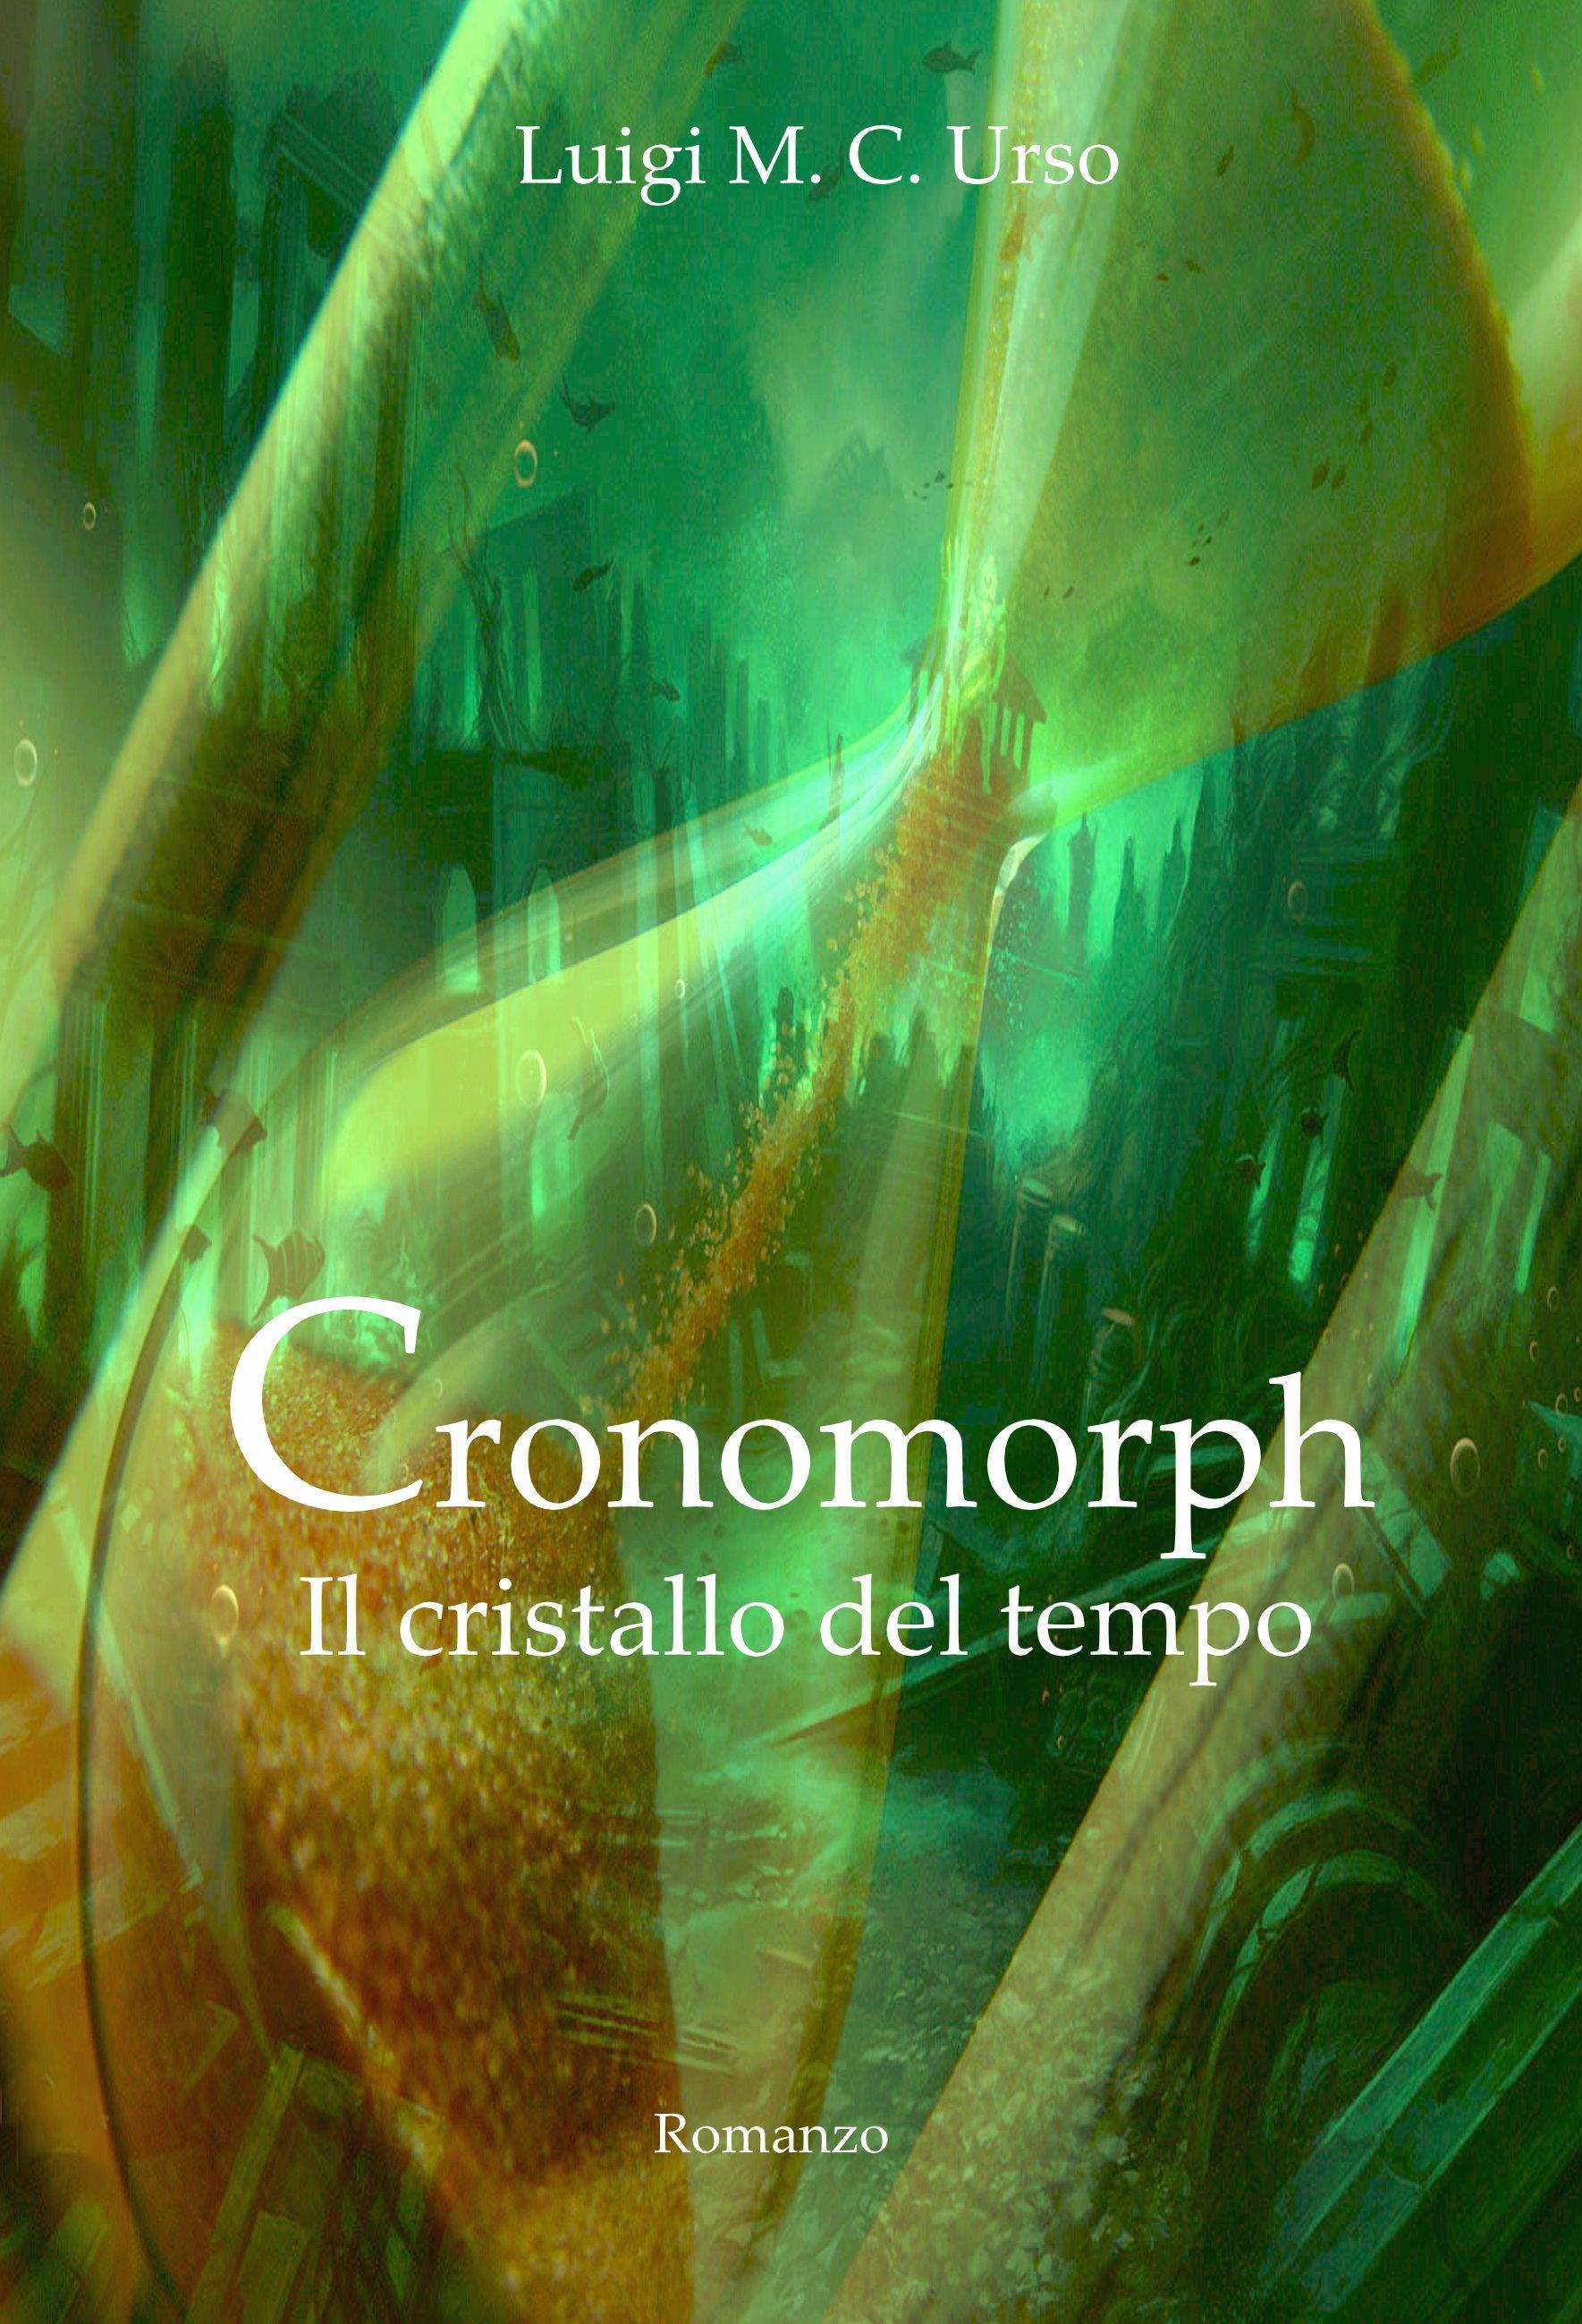 Cronomorph. Il cristallo del tempo